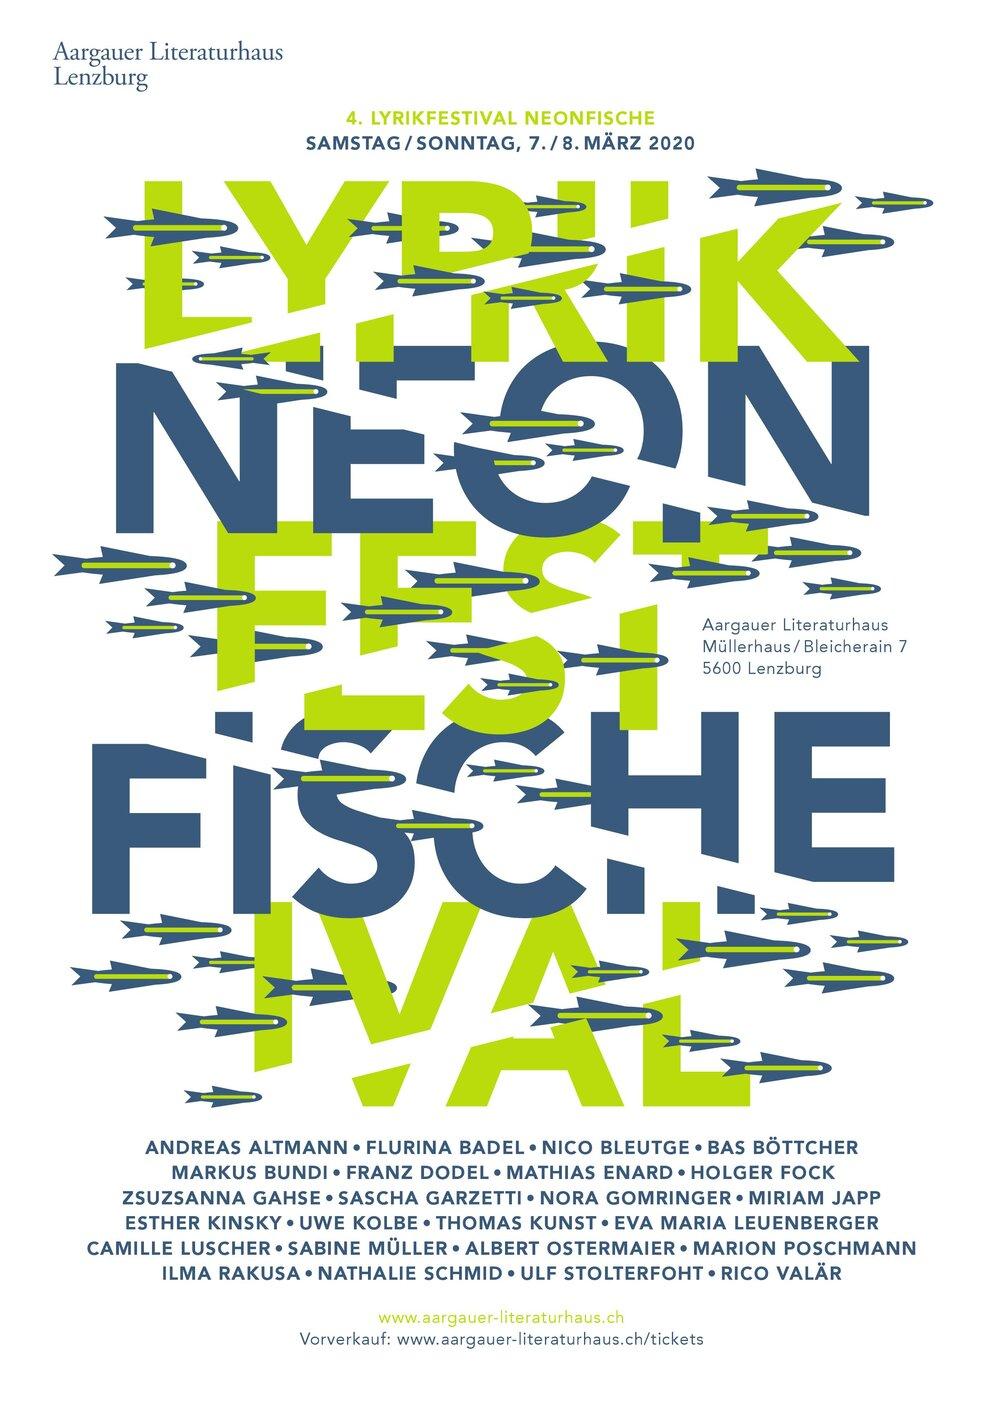 Unser Plakat zum Lyrikfestival Neonfische 2020.